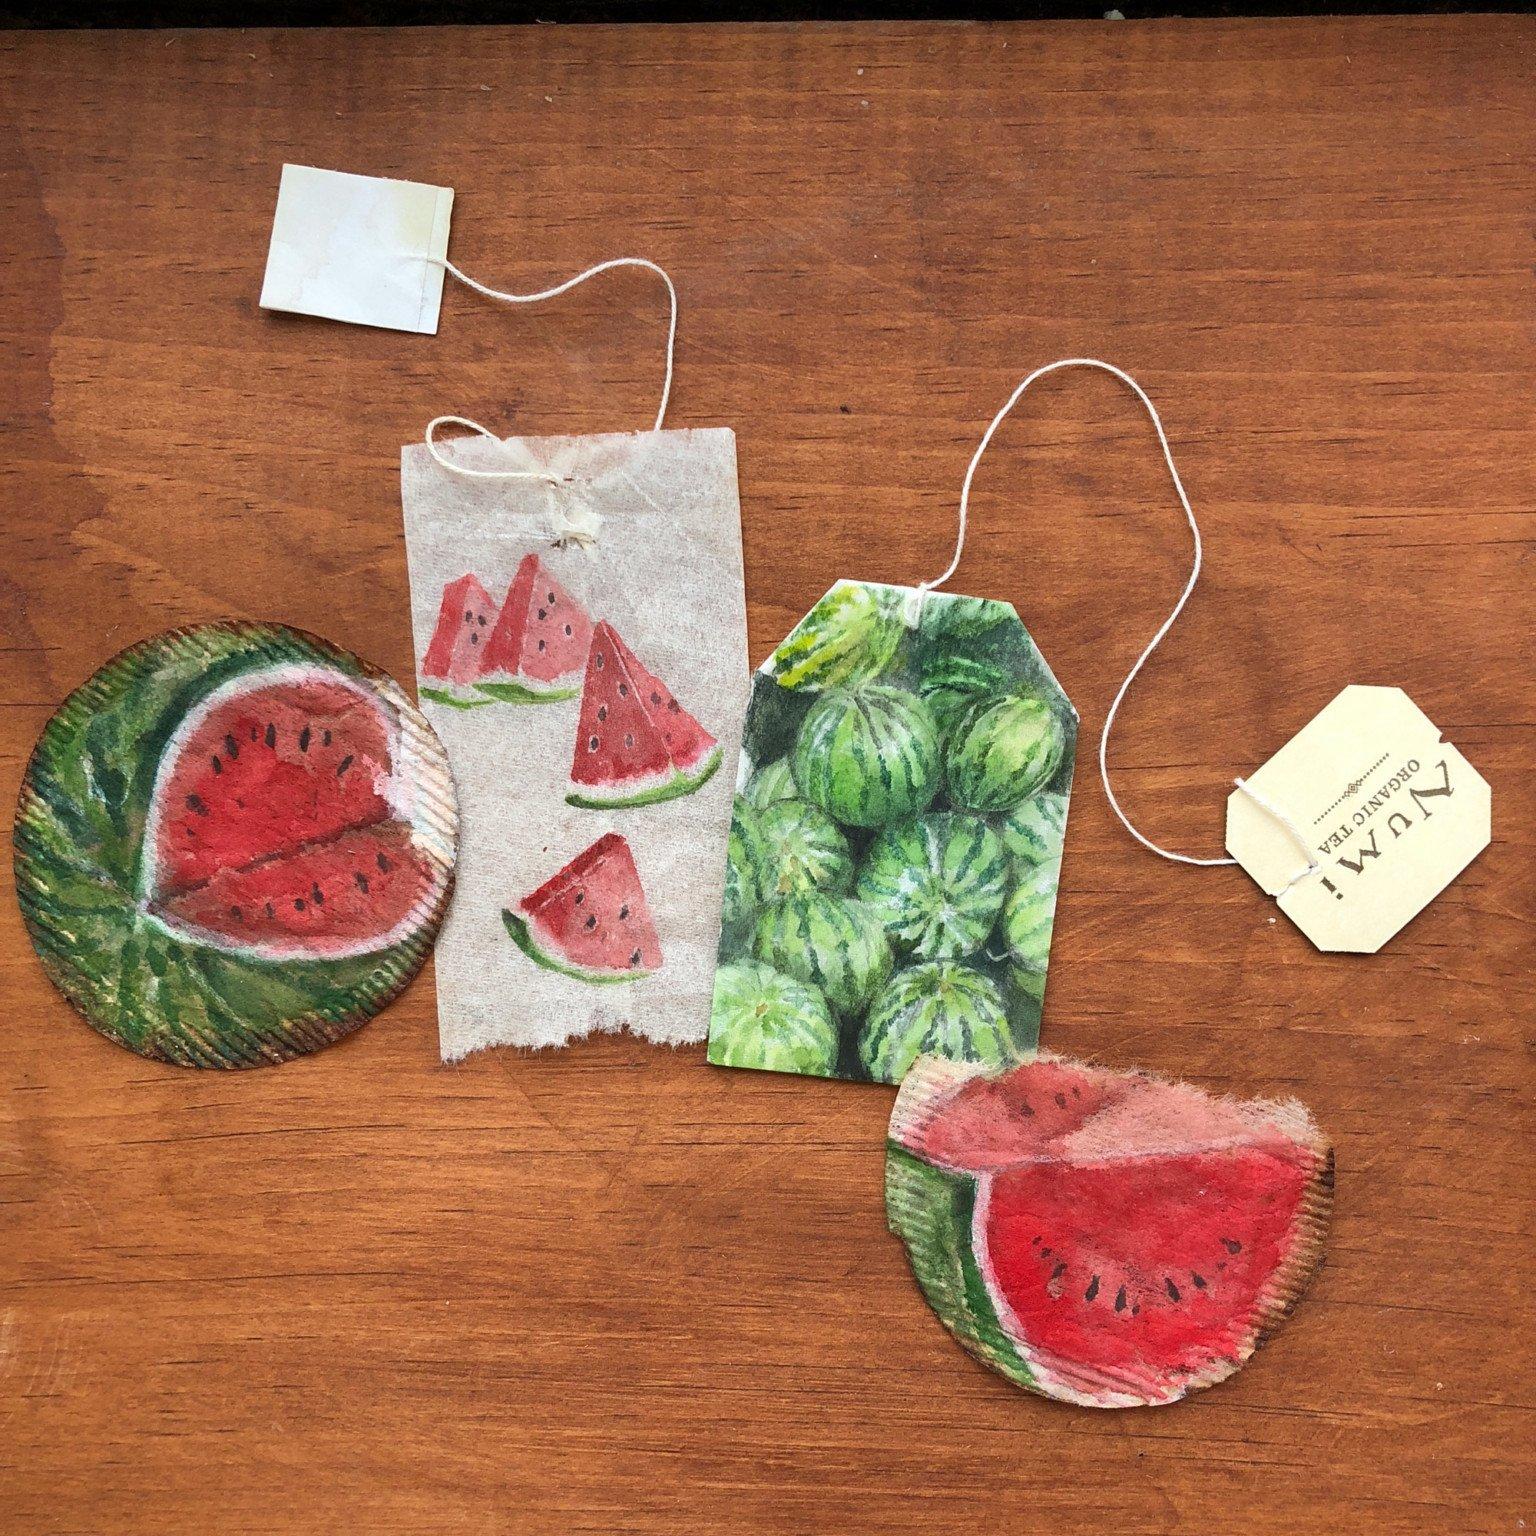 Artista transforma saquinhos de chá em verdadeiras obras de arte